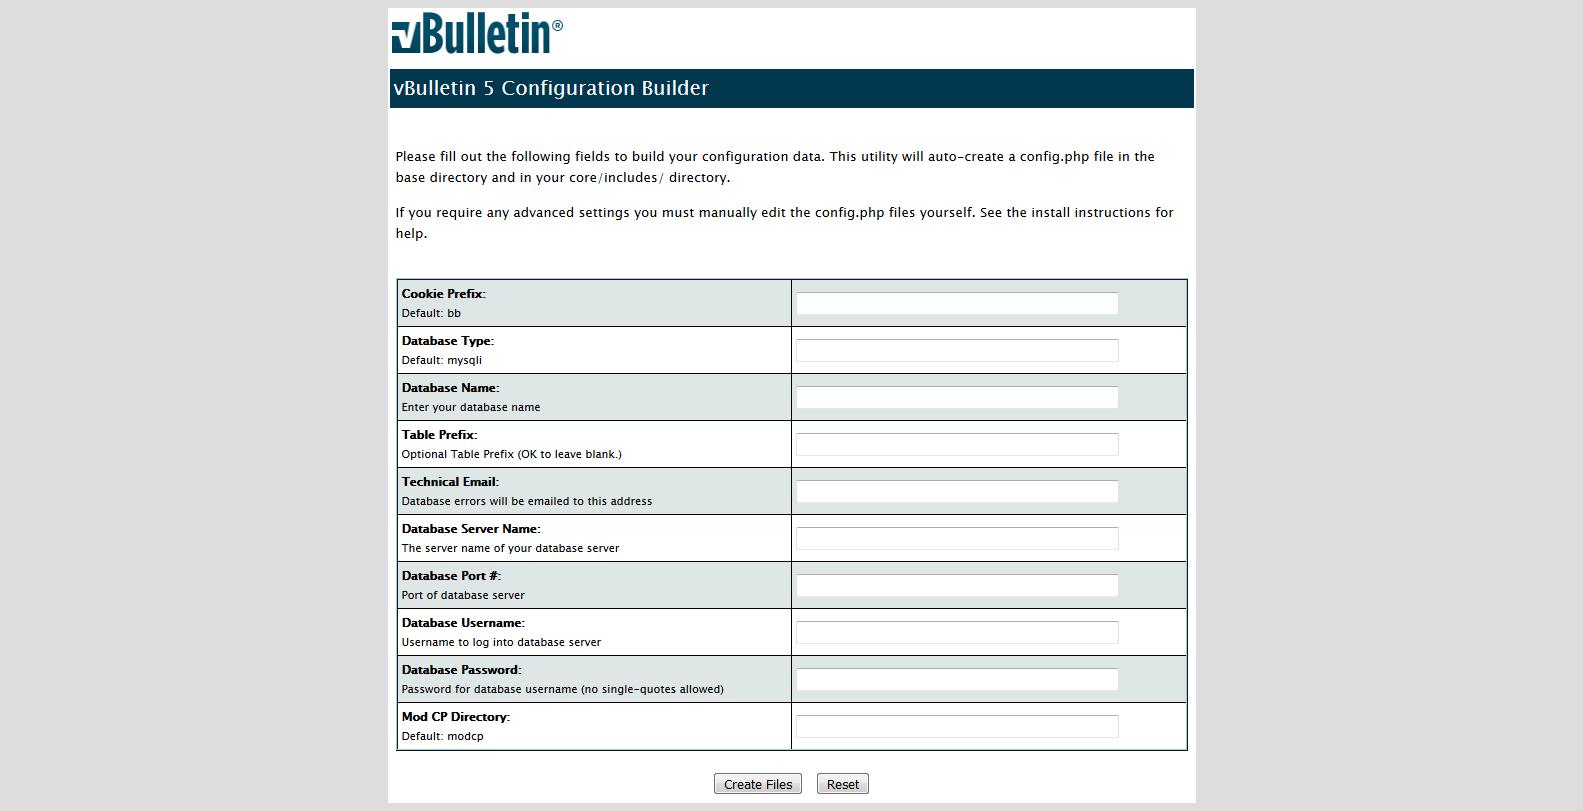 Come installare vBulletin 5